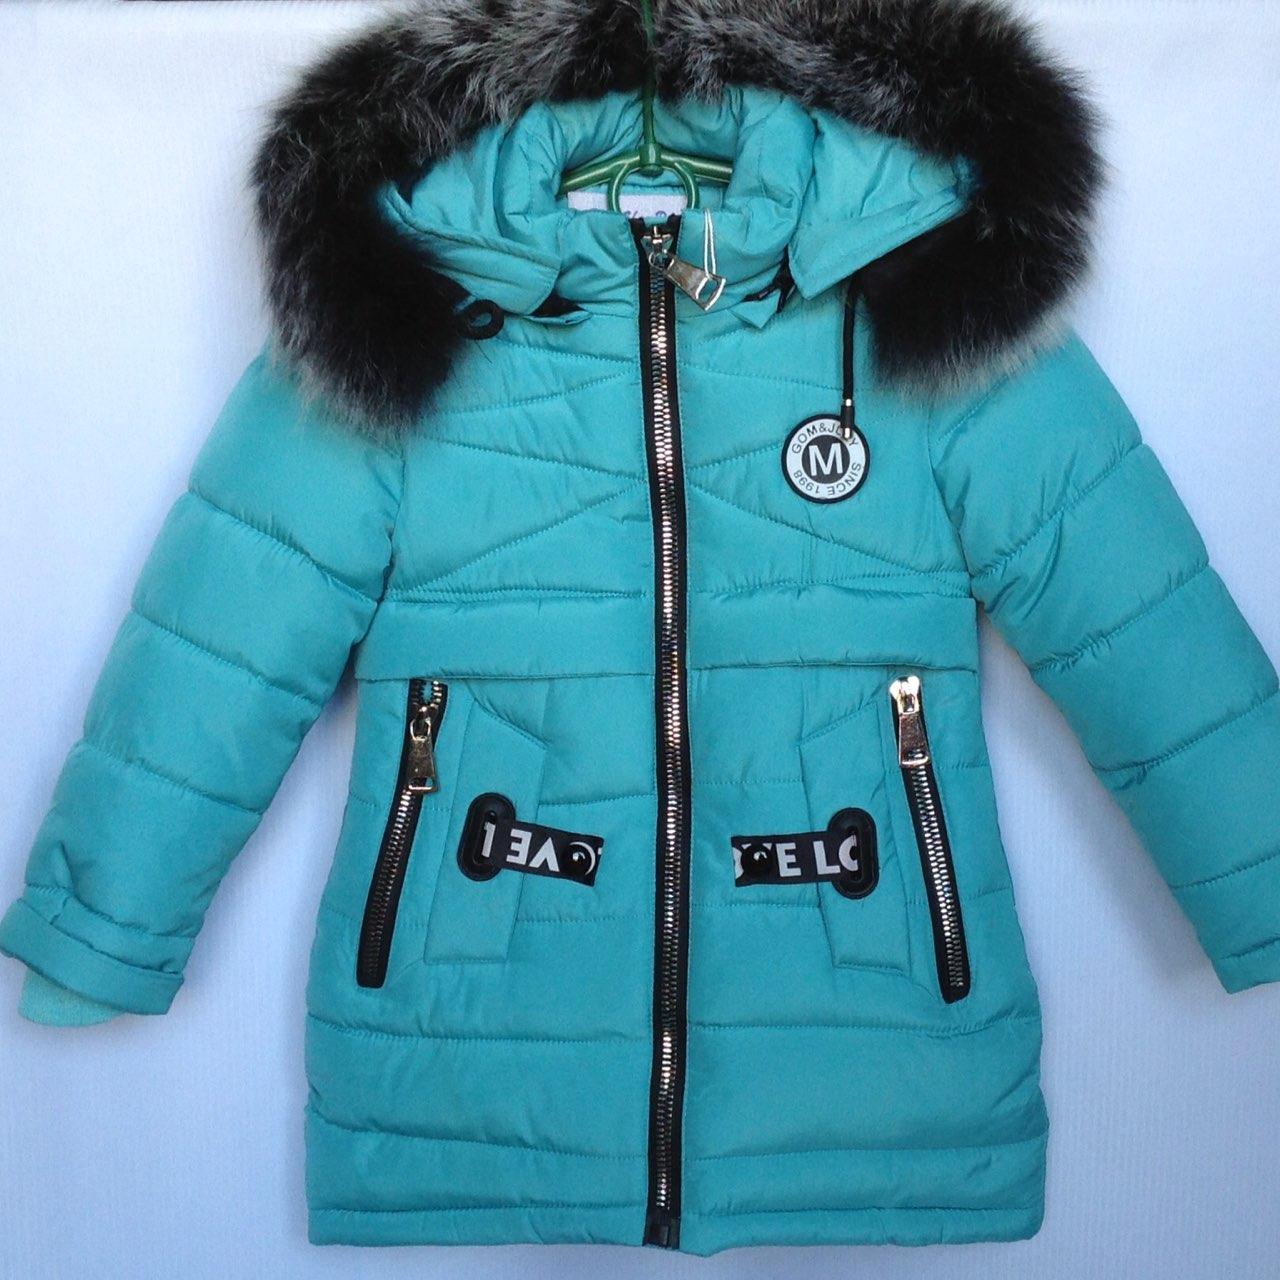 Куртка детская зимняя Gom&July #1736 для девочек. 86-110 см (1-5 лет). Бирюзовая. Оптом.